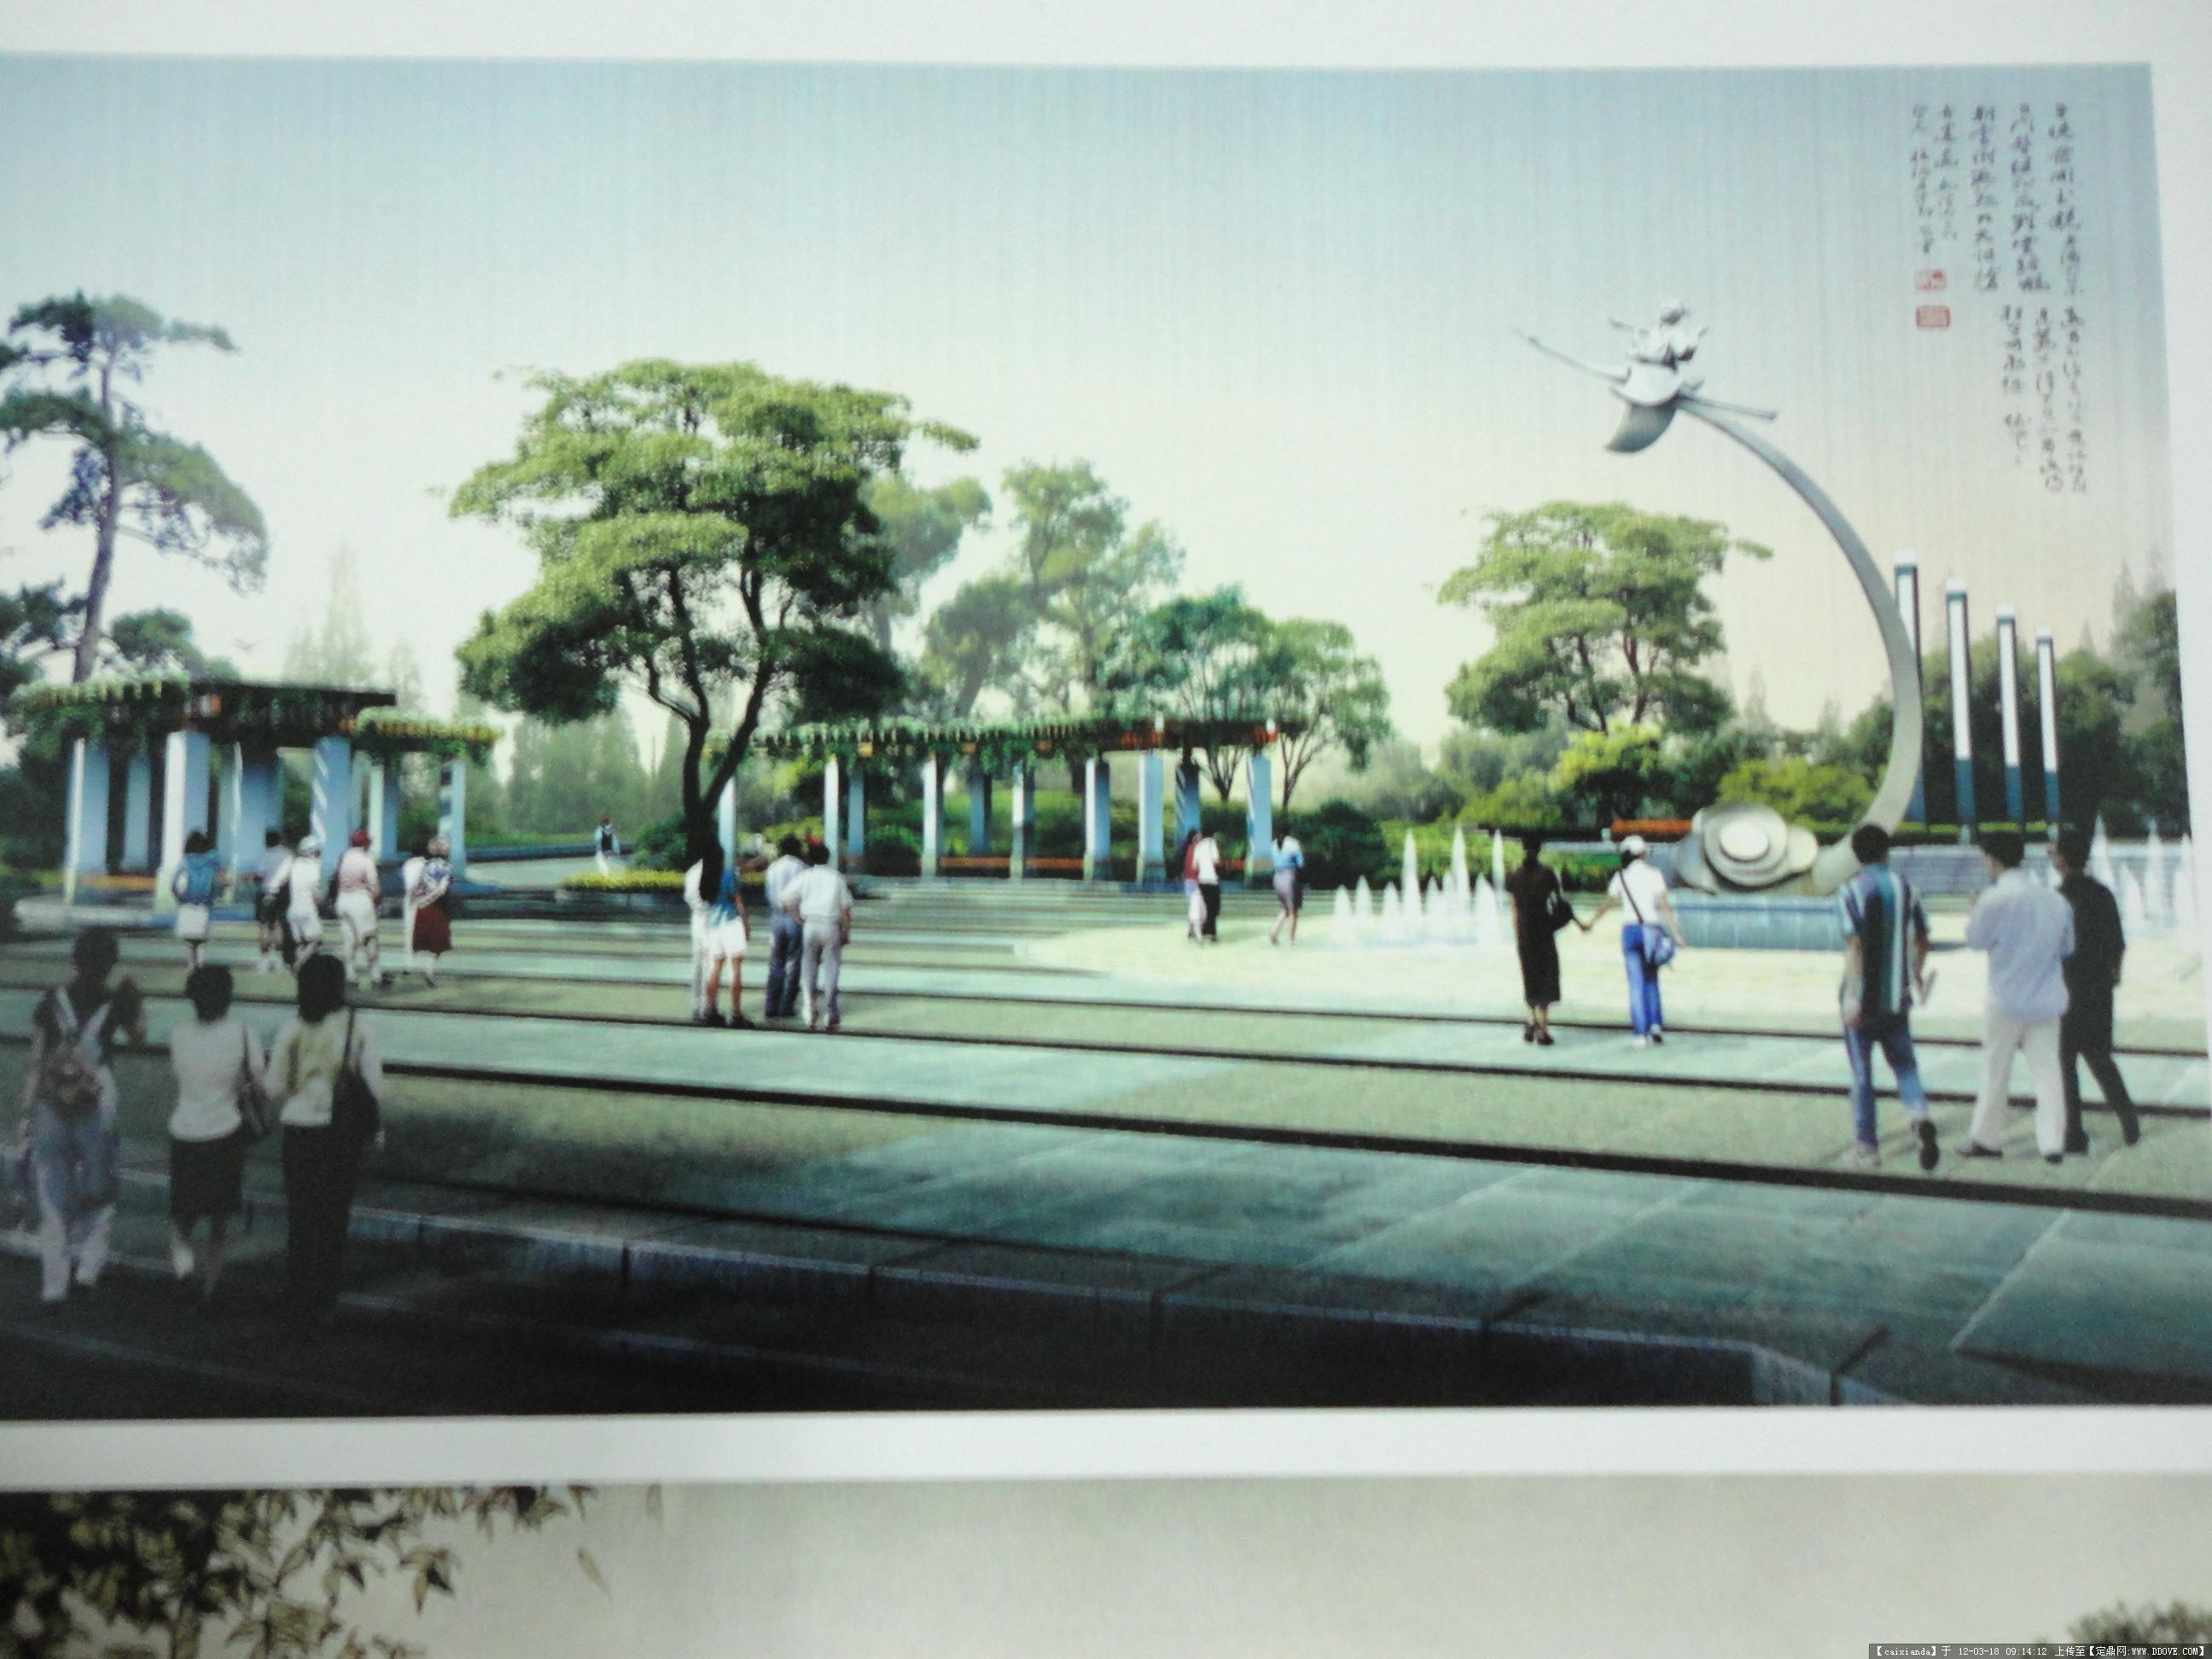 超级好的广场效果图的图片浏览,园林效果图,城市广场